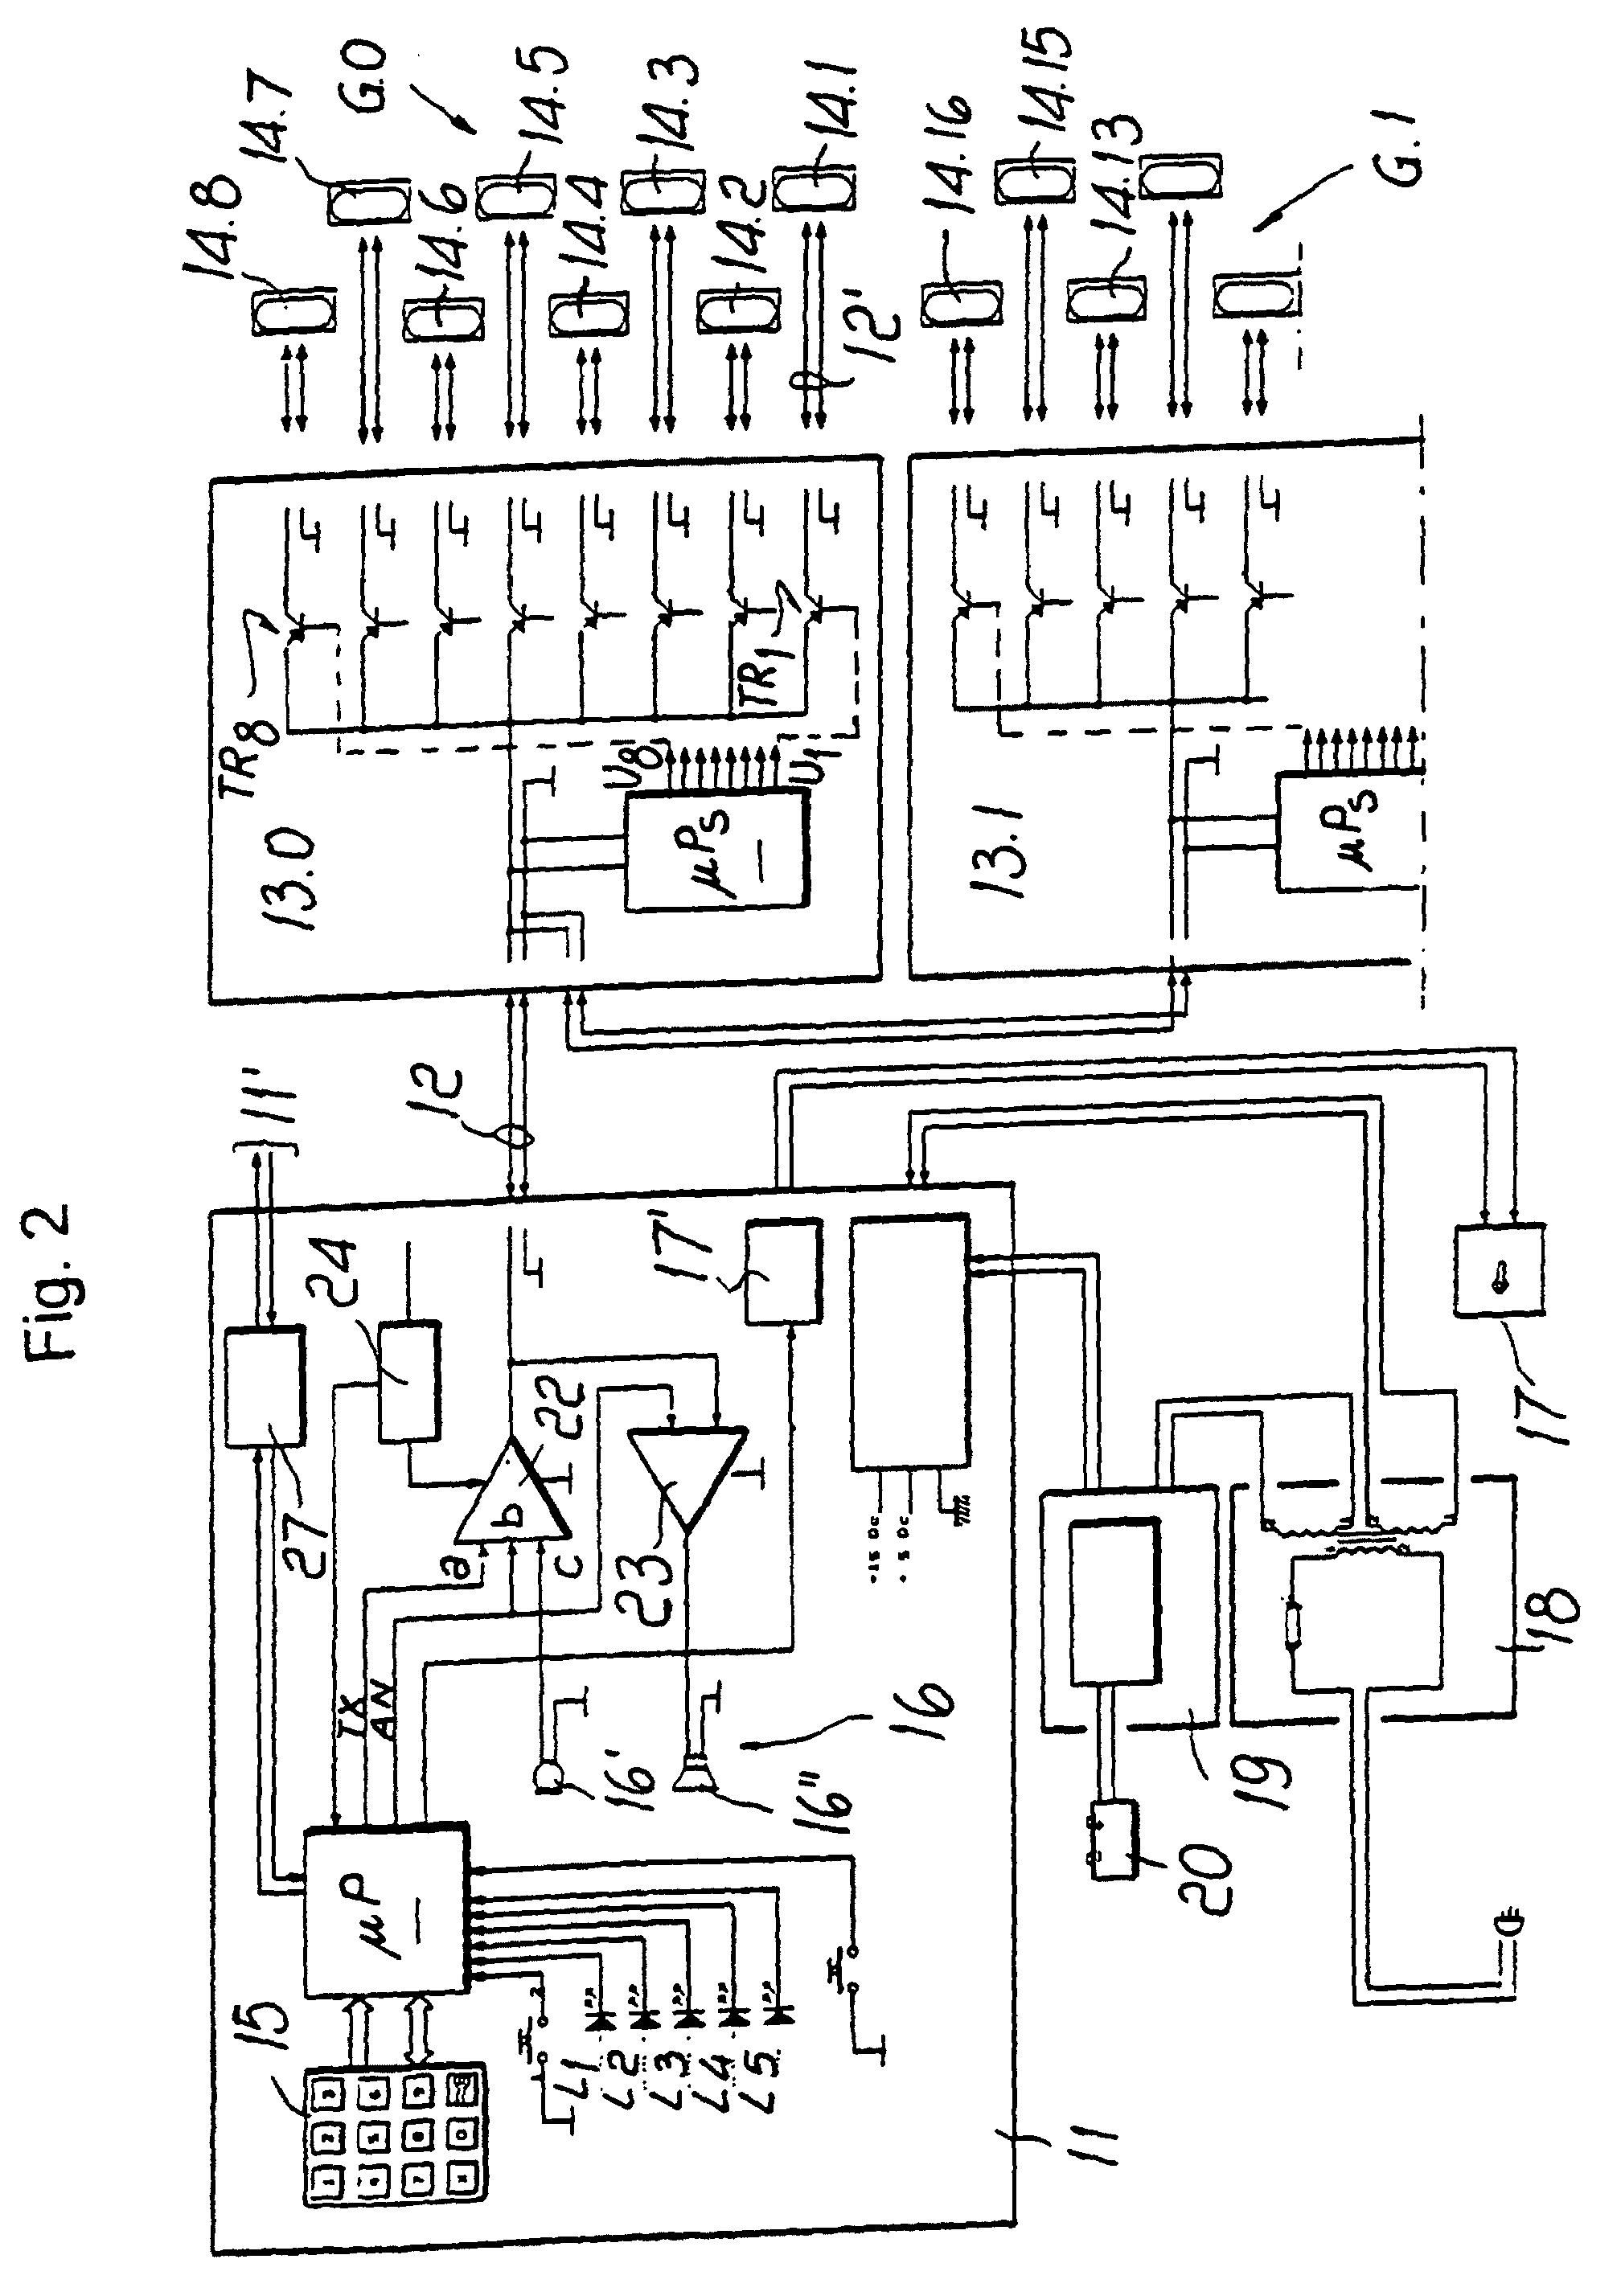 Schema Elettrico Urmet 786 15 : Patent ep b système d interphone avec deux fils